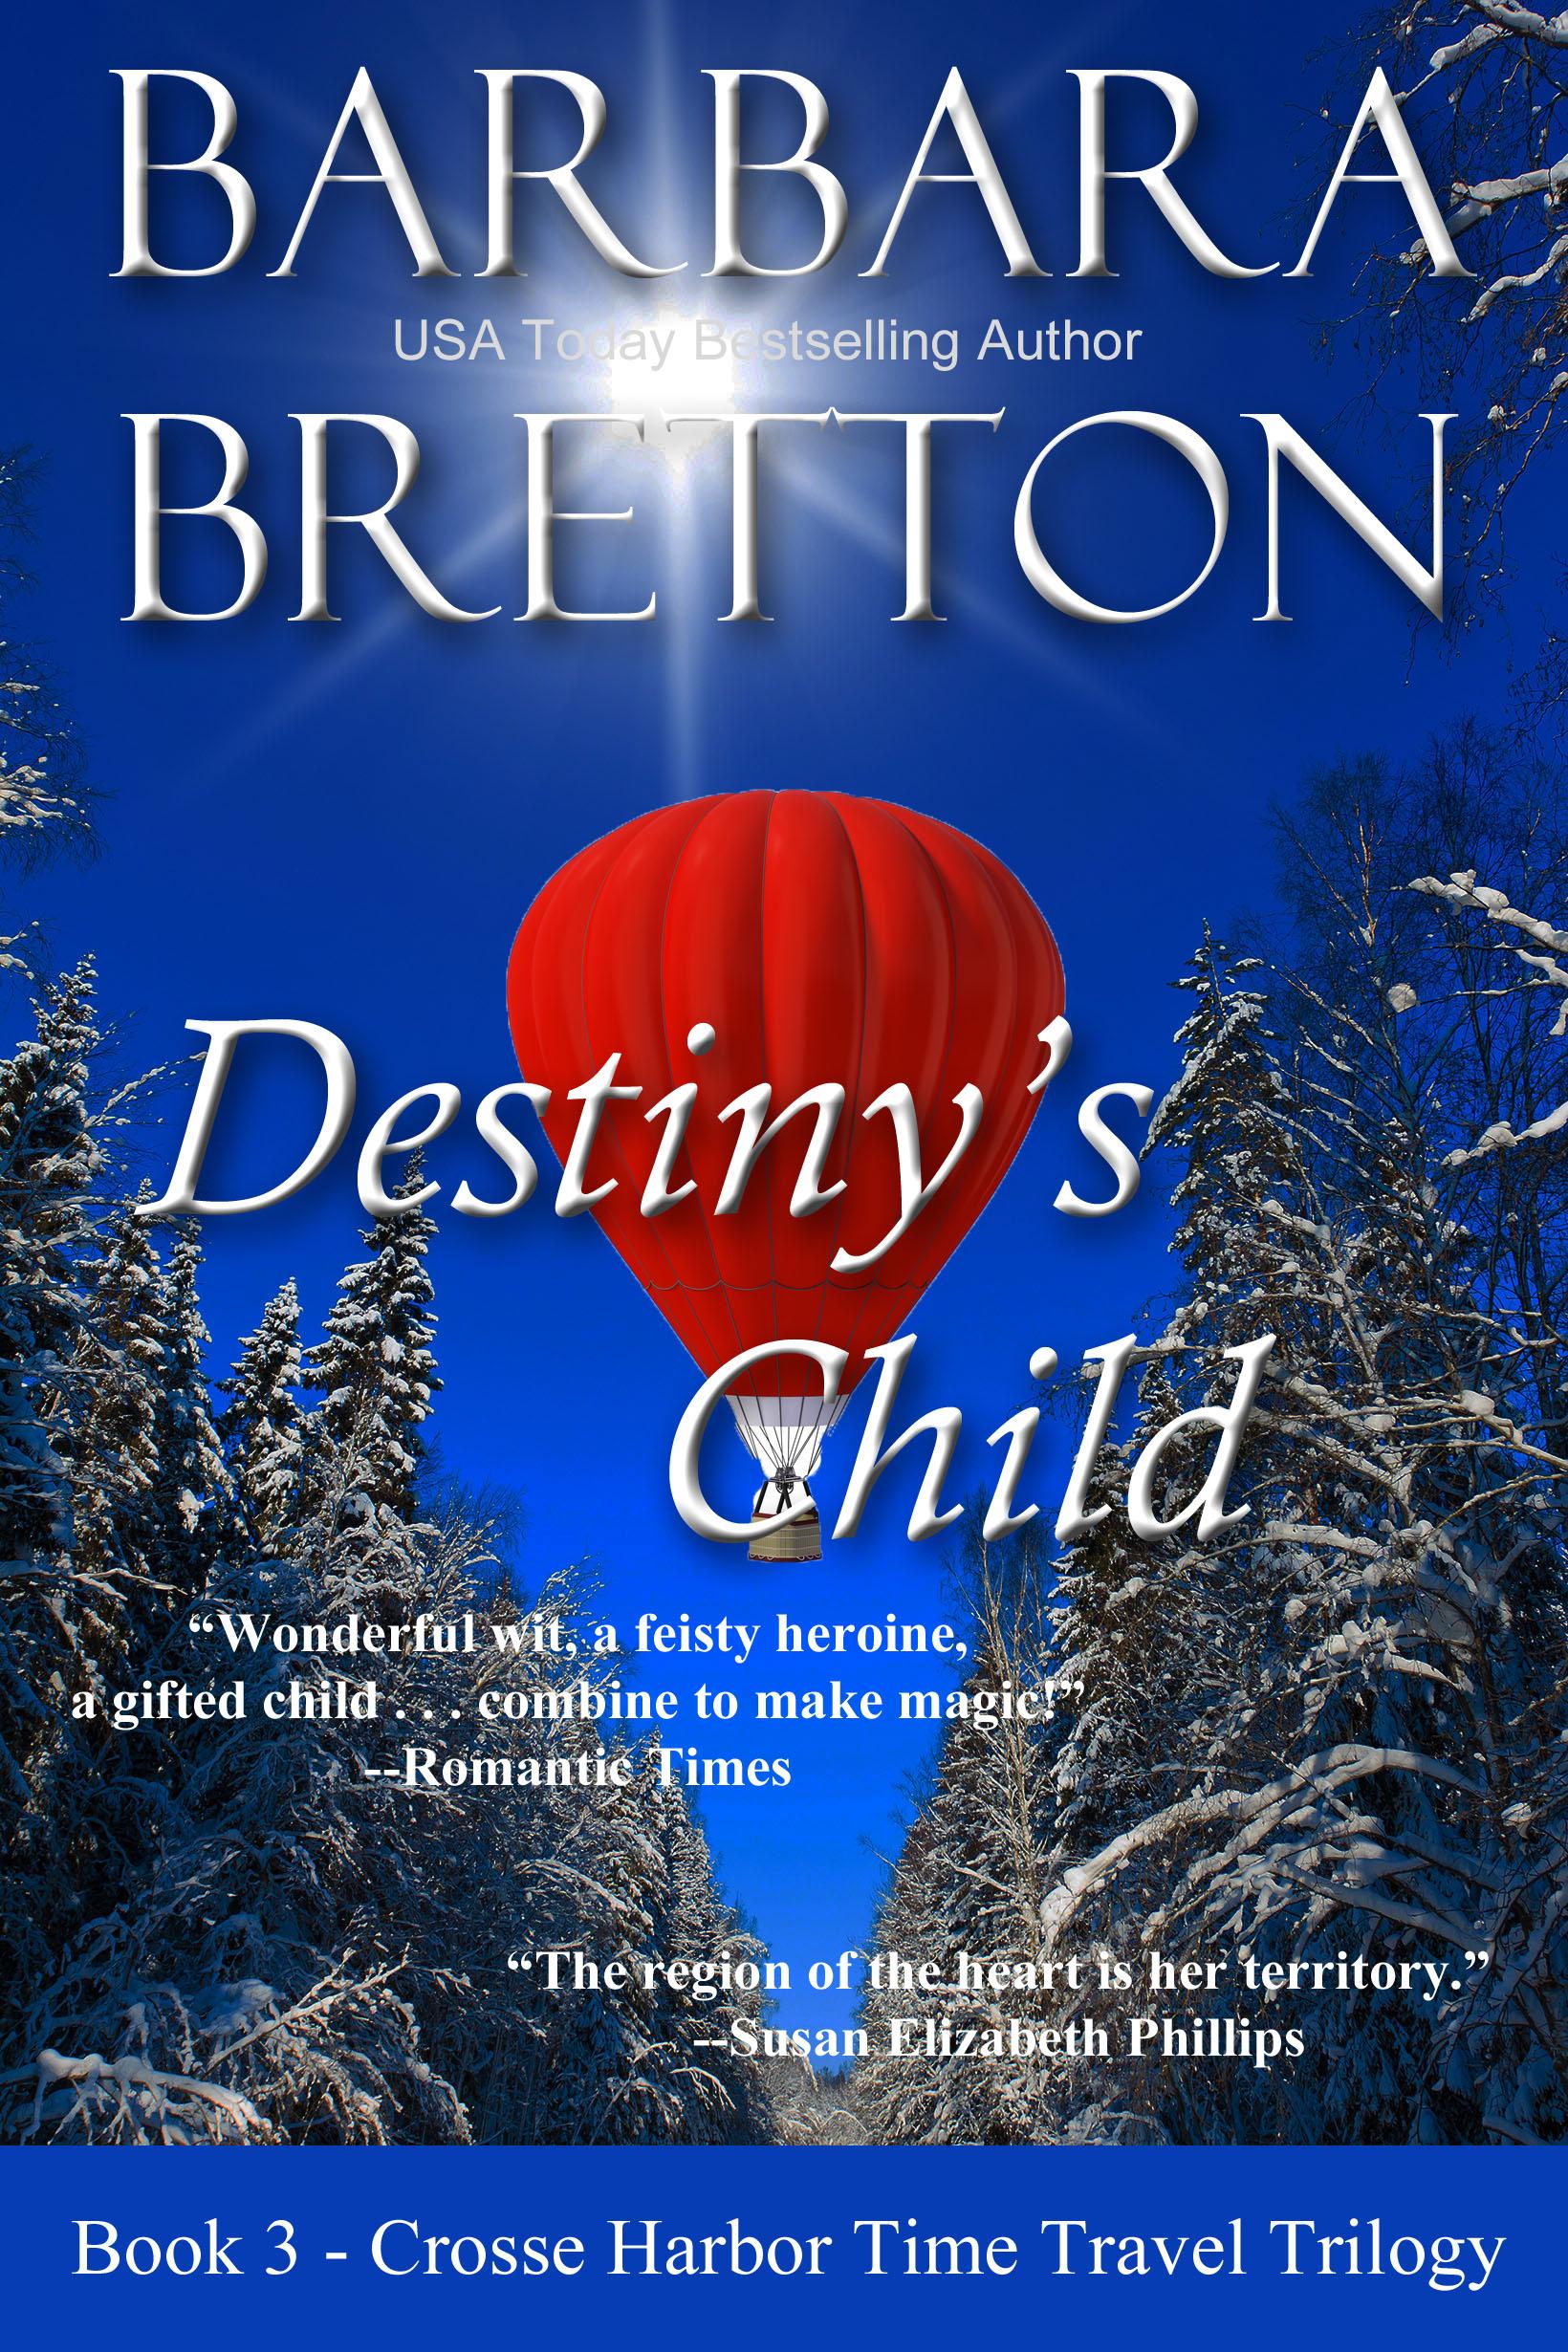 Barbara Bretton - Destiny's Child